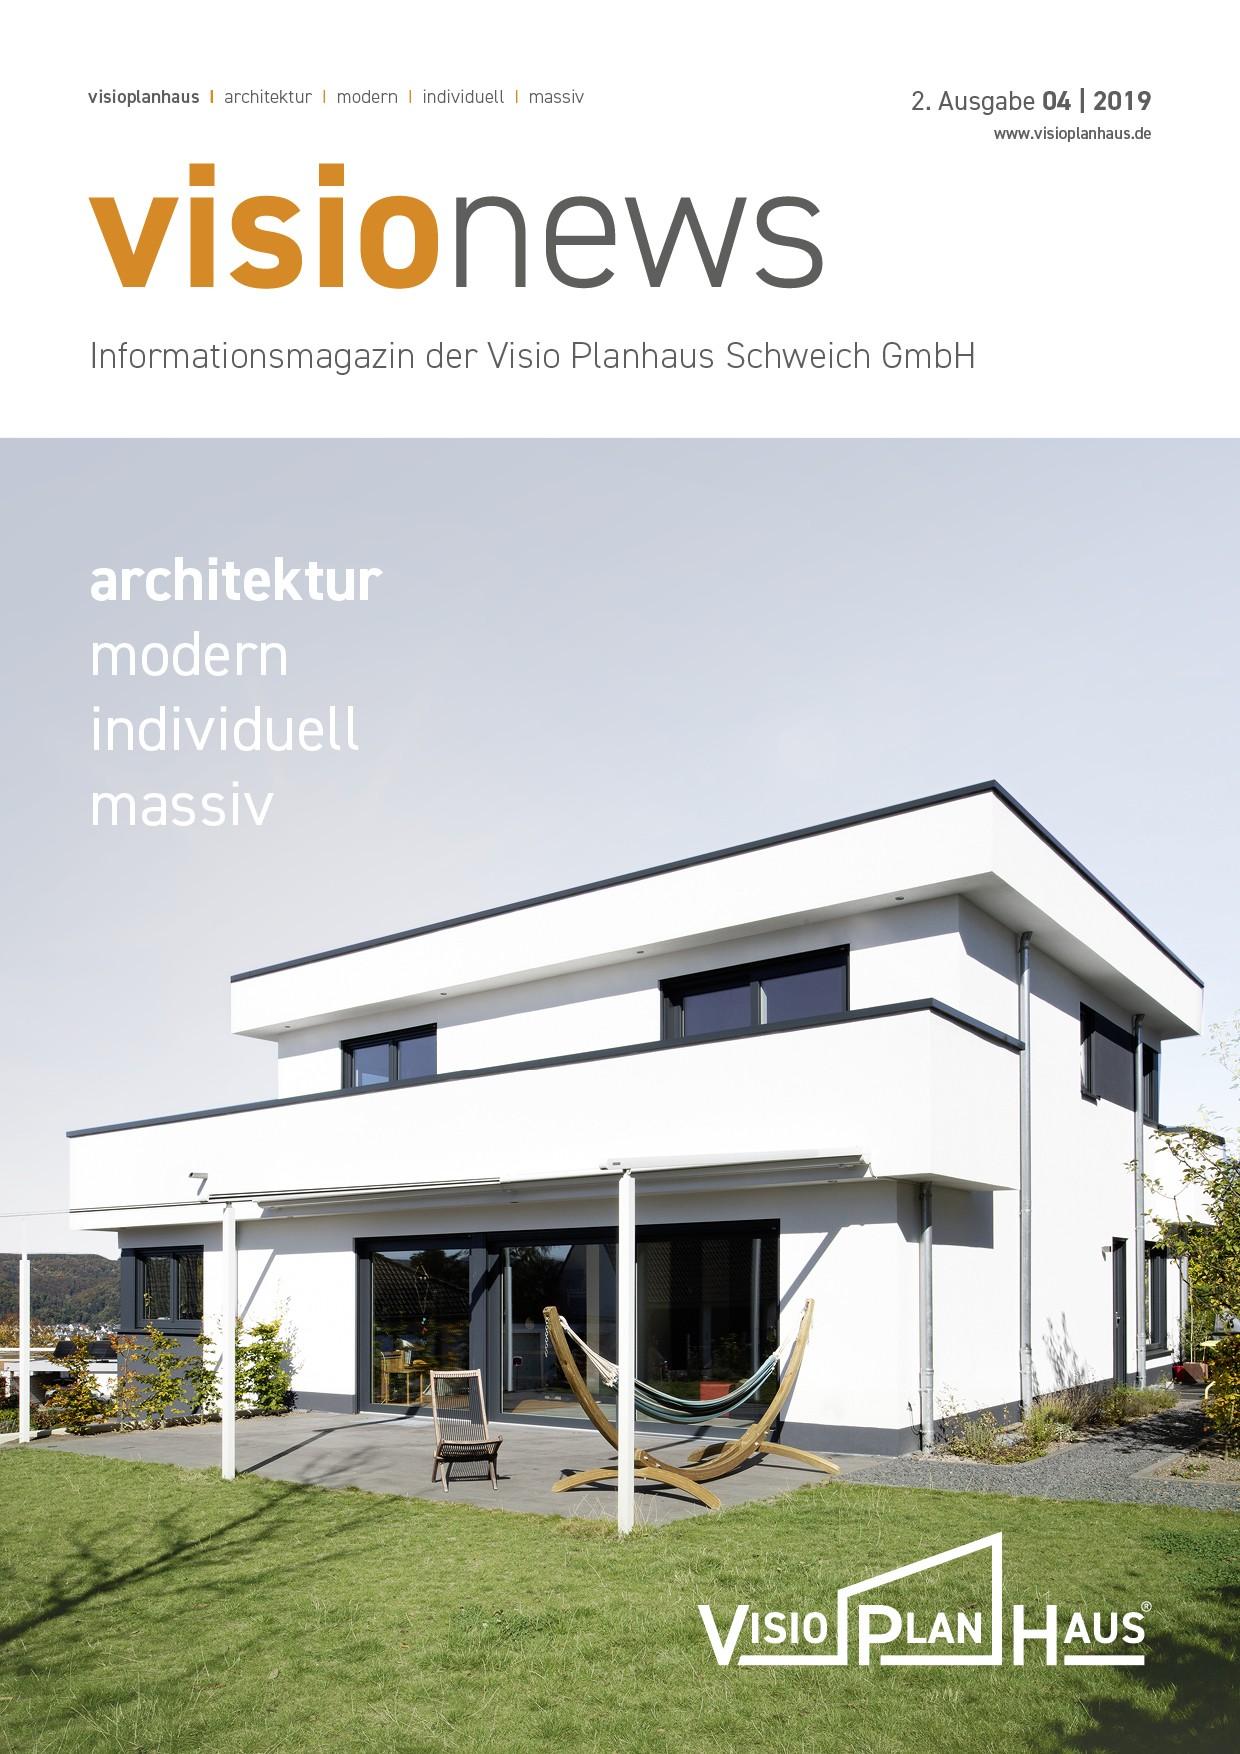 Cover visio news, Informationsmagazin des Visioplanhaus, 2. Ausgabe 2019